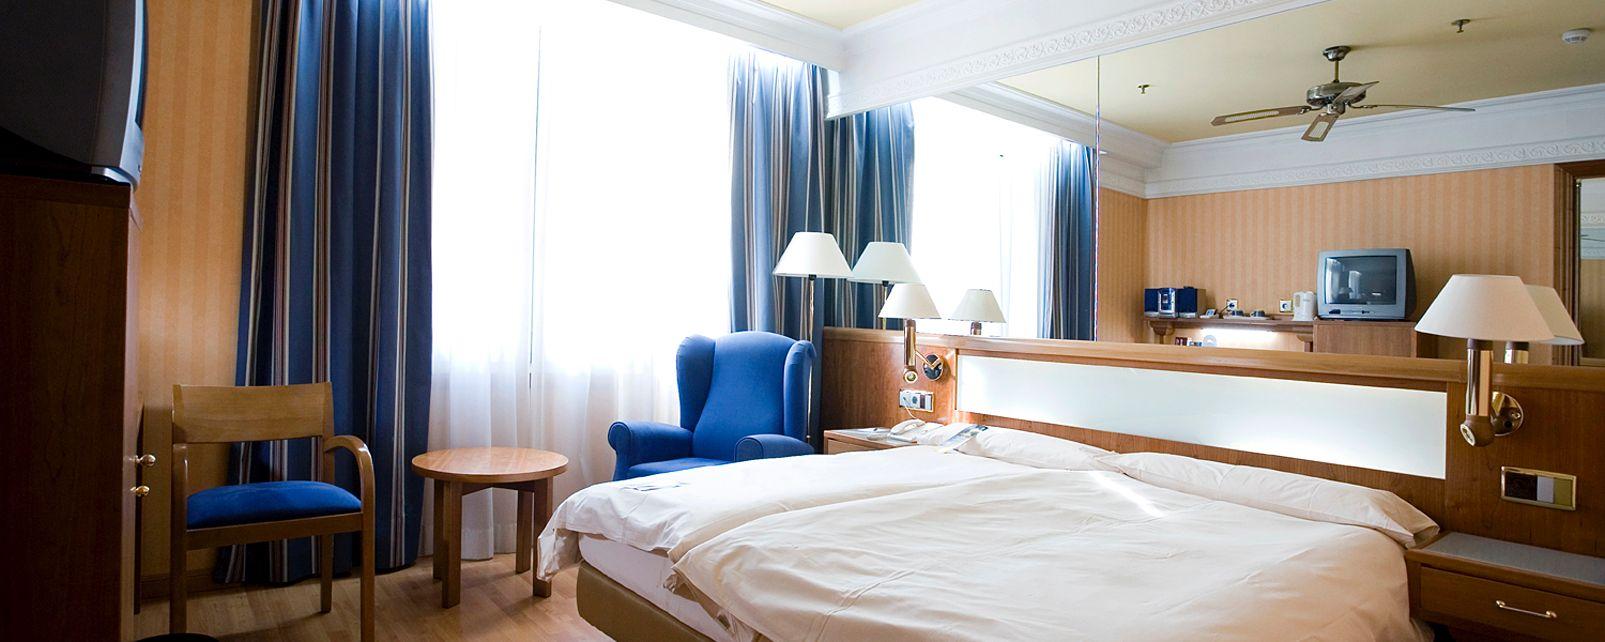 Hotel Senator Gran Via 70